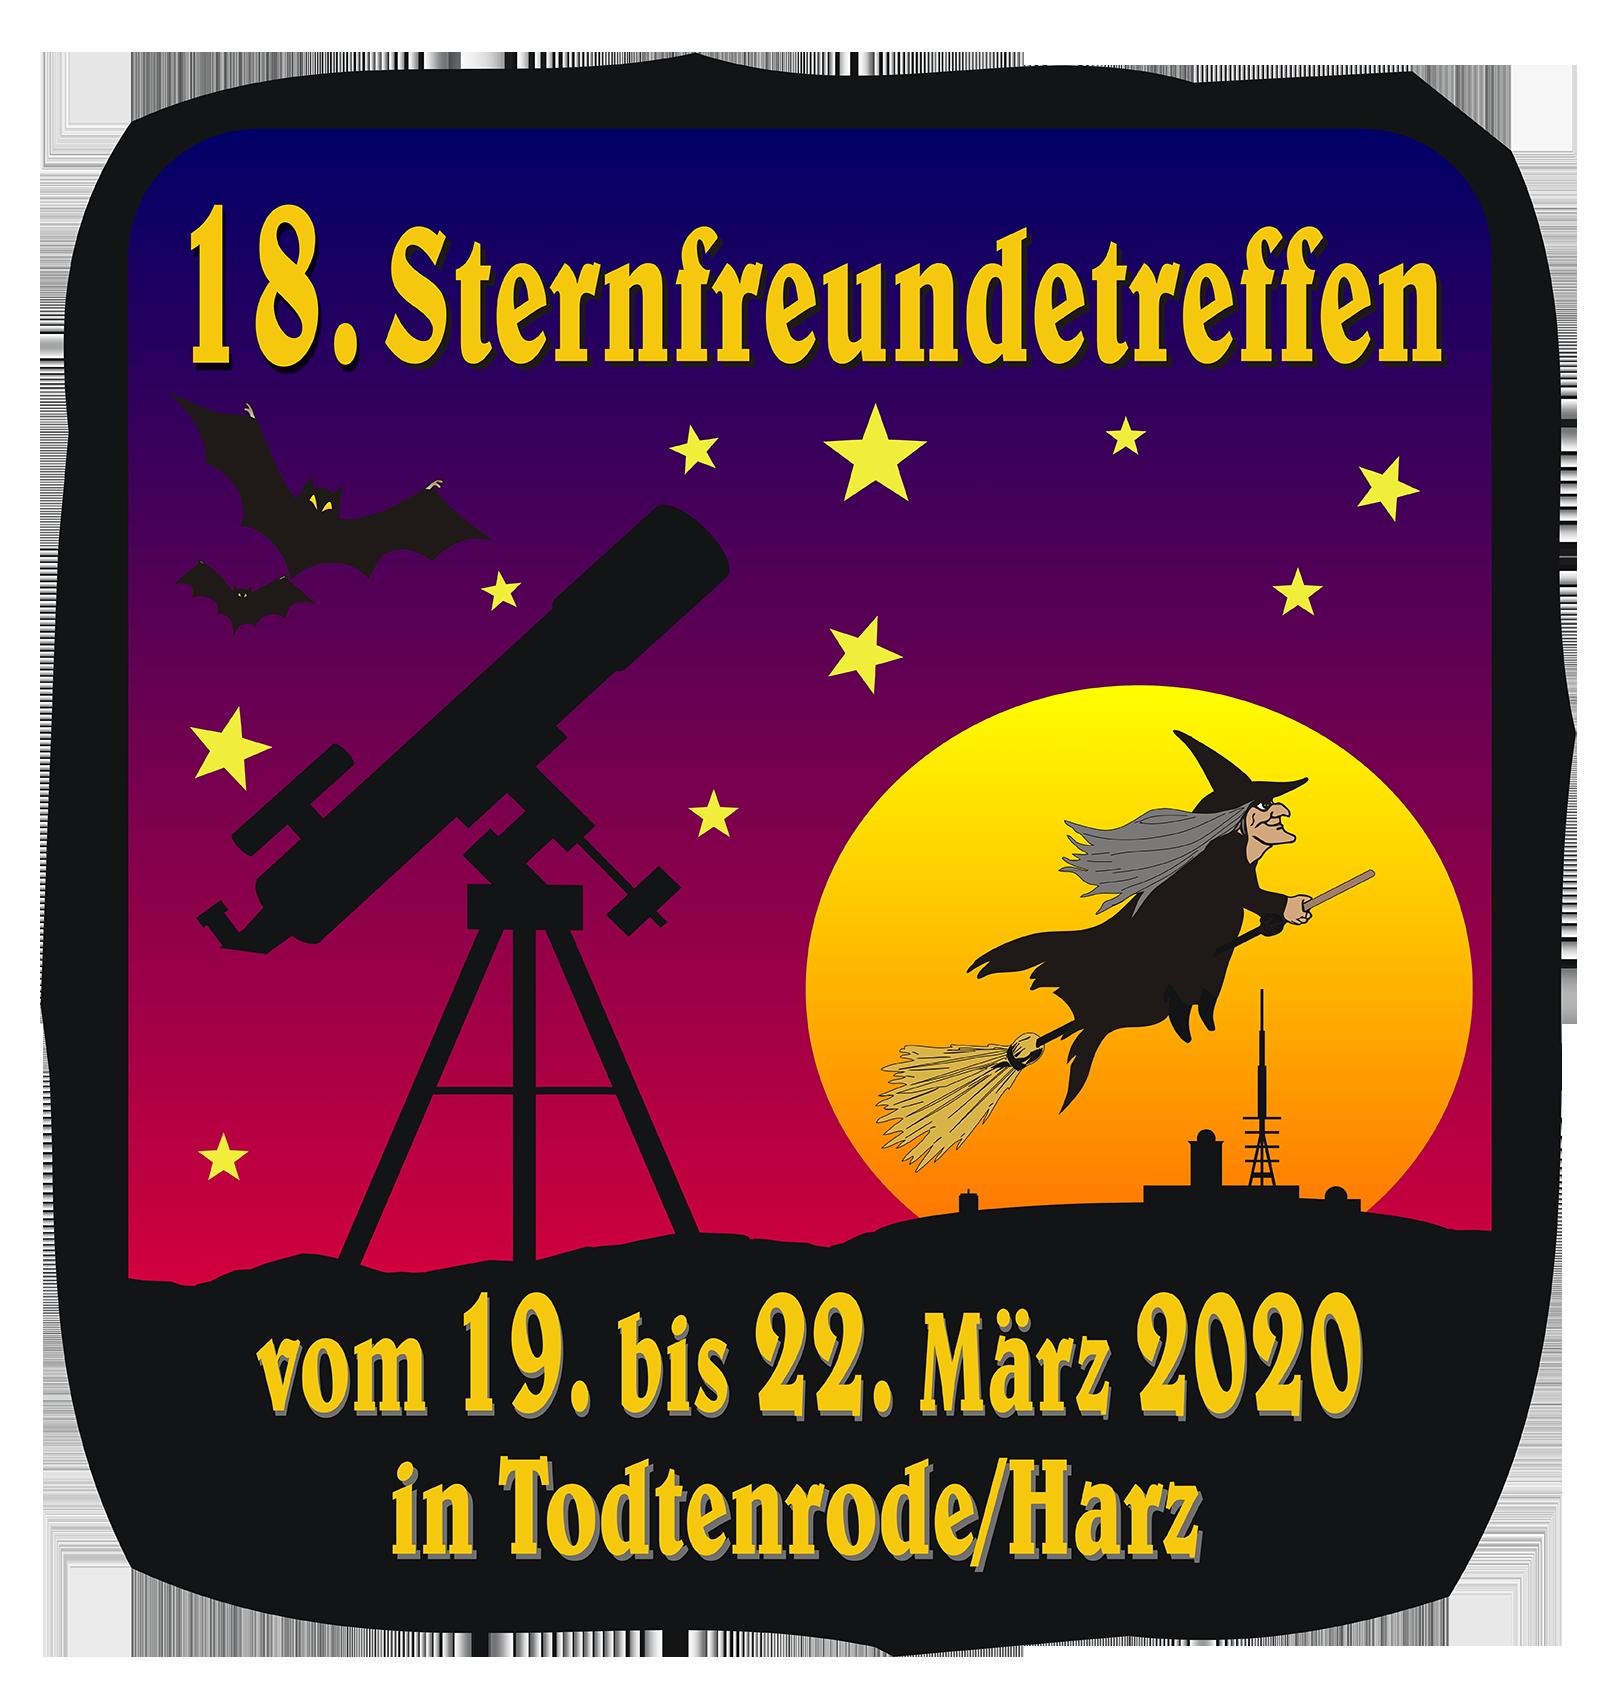 Sternfreundetreffen Todtenrode Harz 2020